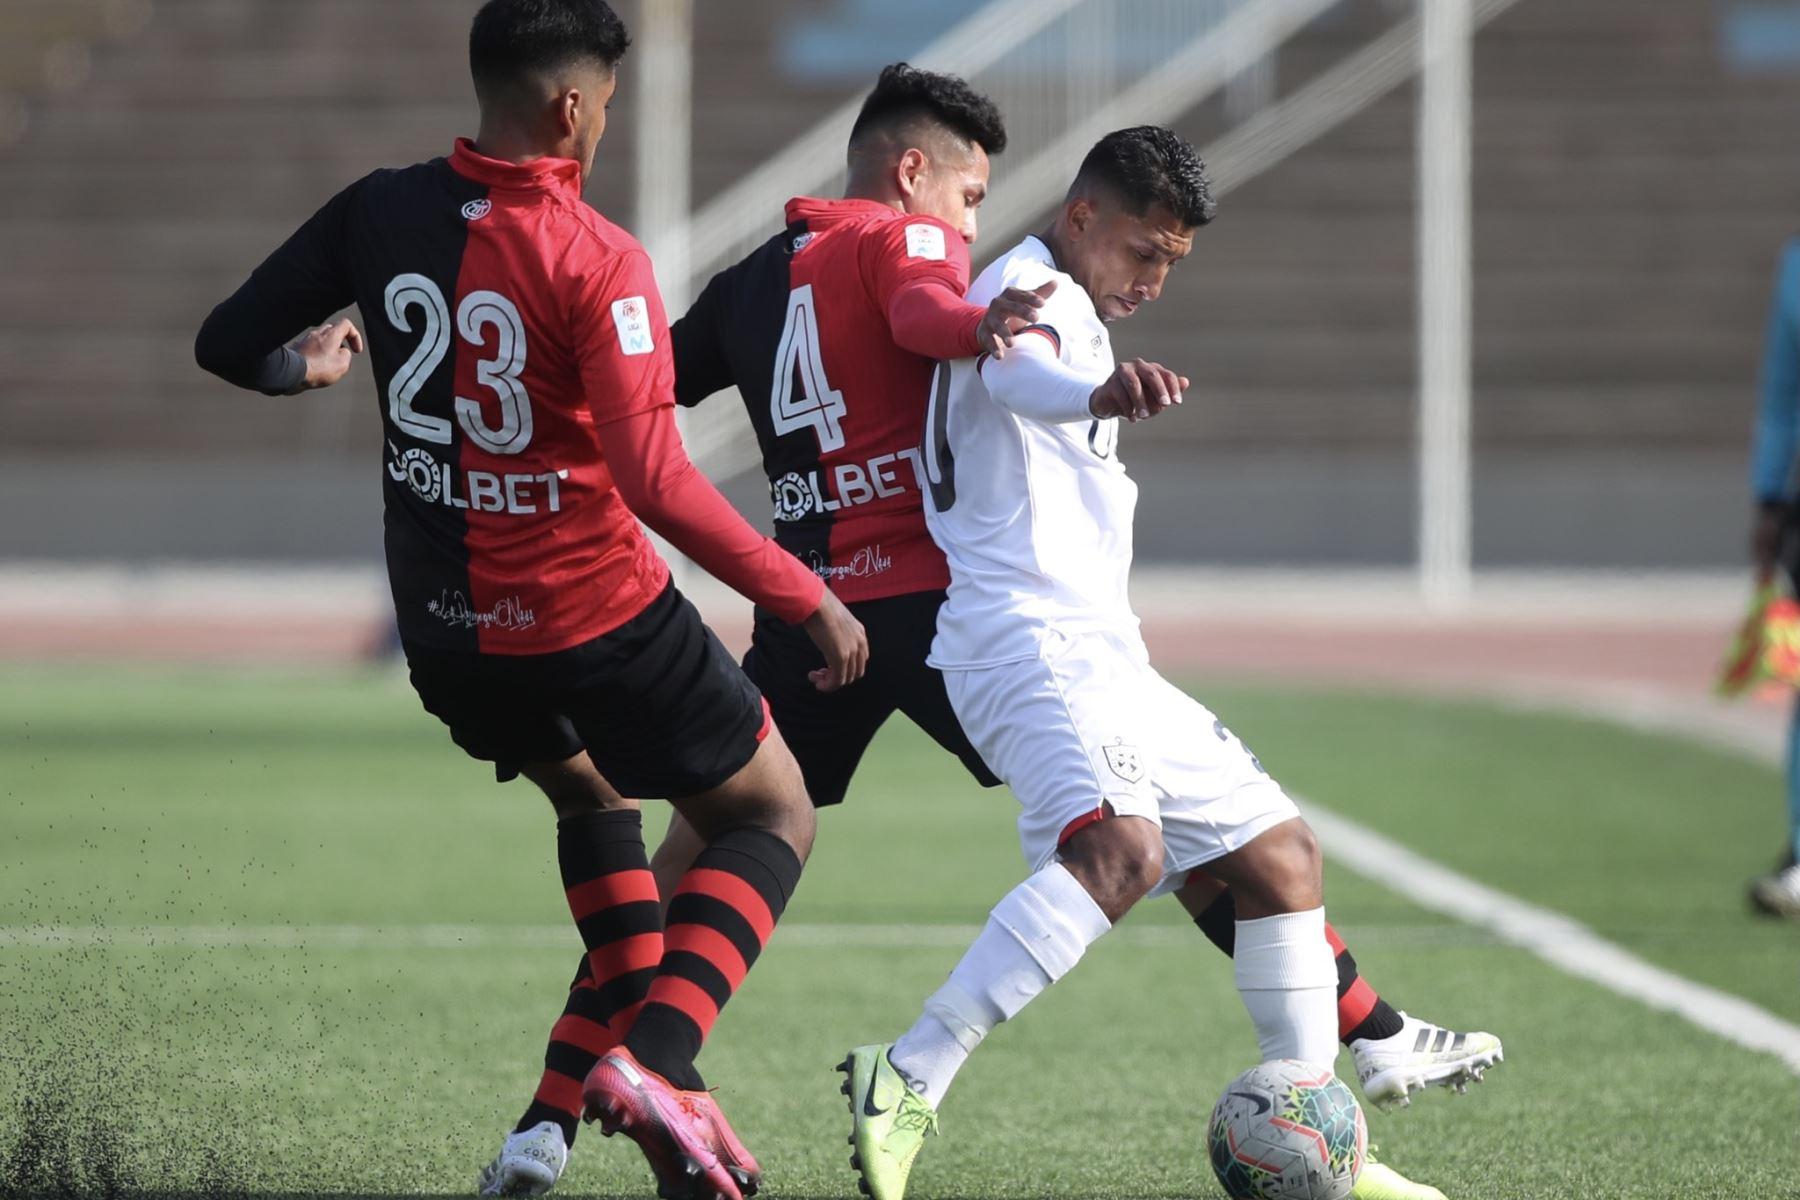 Melgar  se enfrenta al club San Martín por la jornada 12 de la Liga 1 que se disputa en el estadio en el estadio San Marcos. Foto: @LigaFutProf